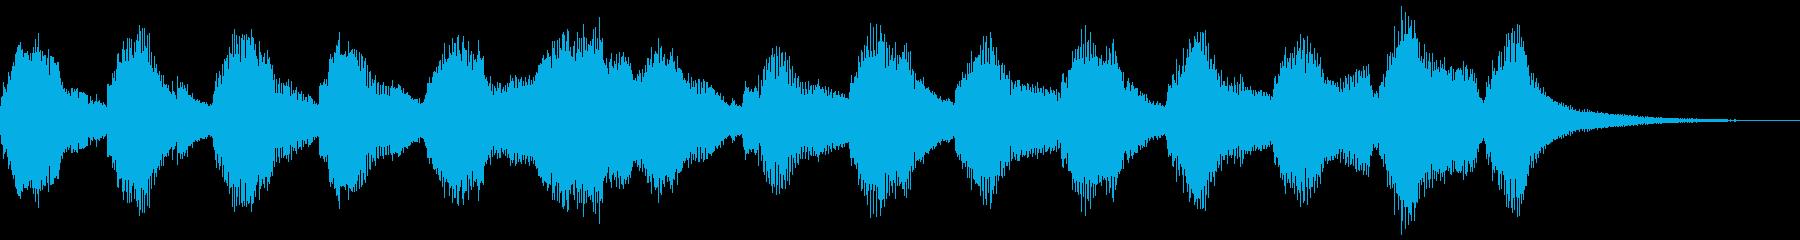 楽しいジングルの再生済みの波形